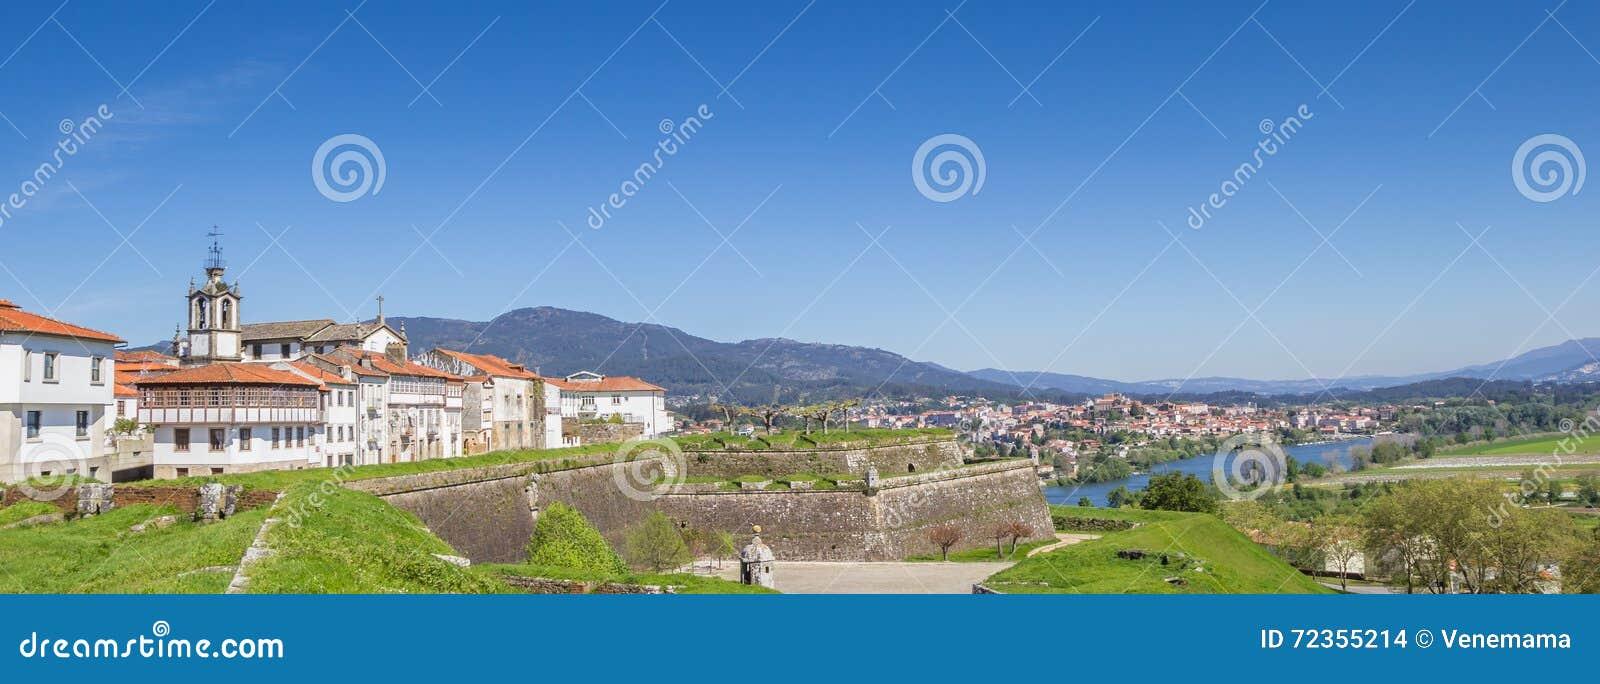 城市墙壁的全景和房子在瓦伦西亚做米尼奥省